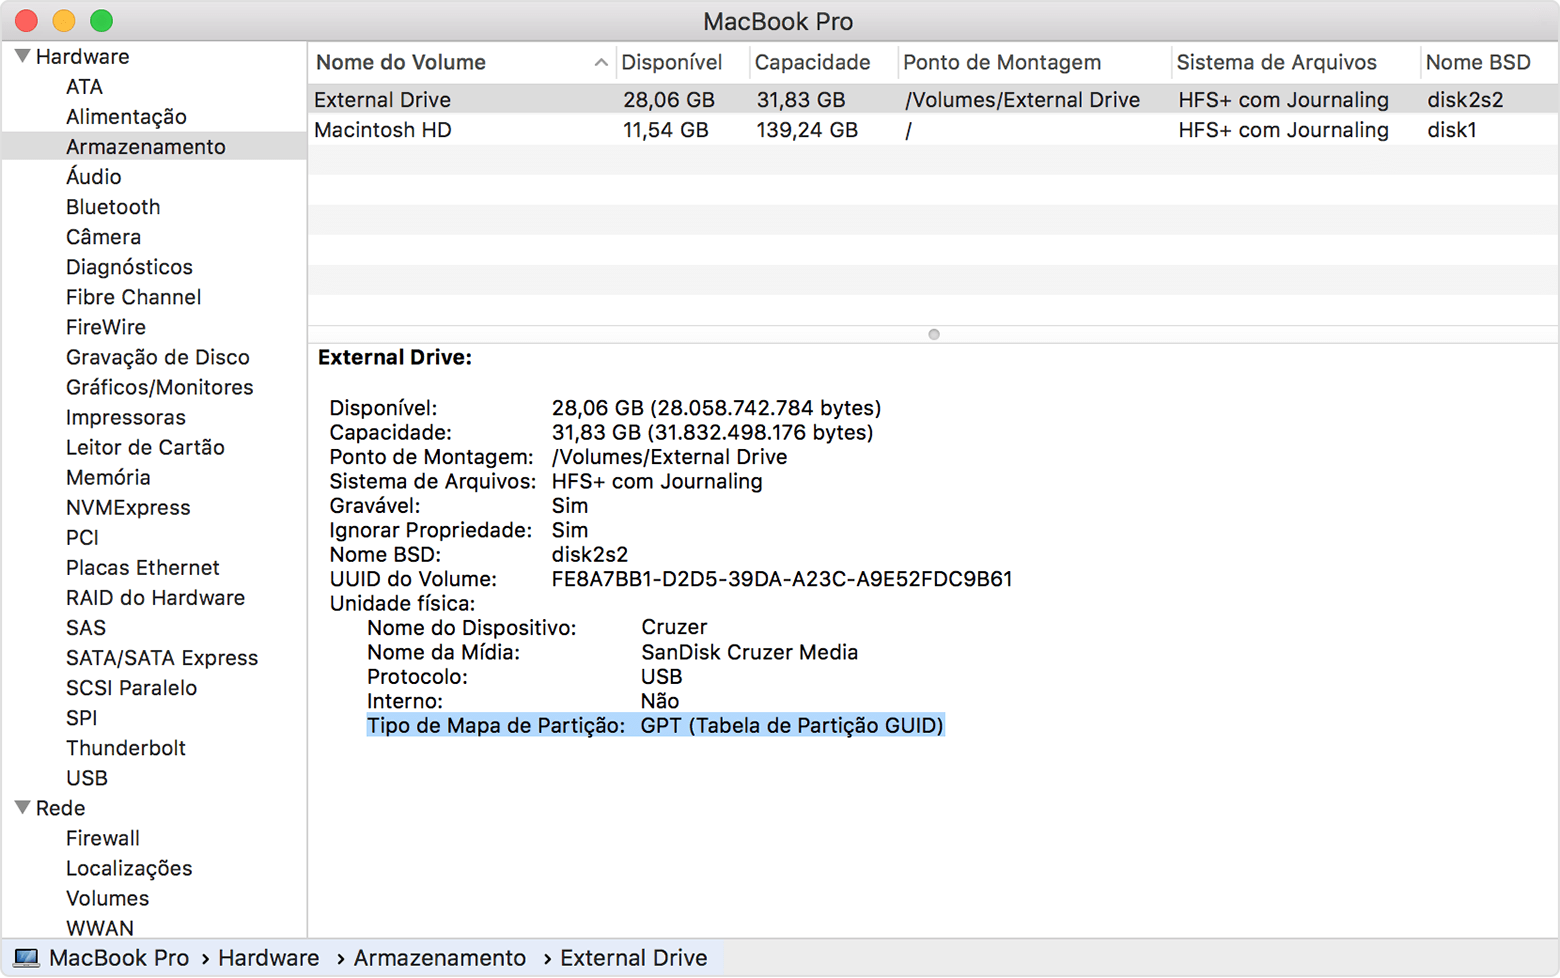 Arquivo carregado pelo usuário